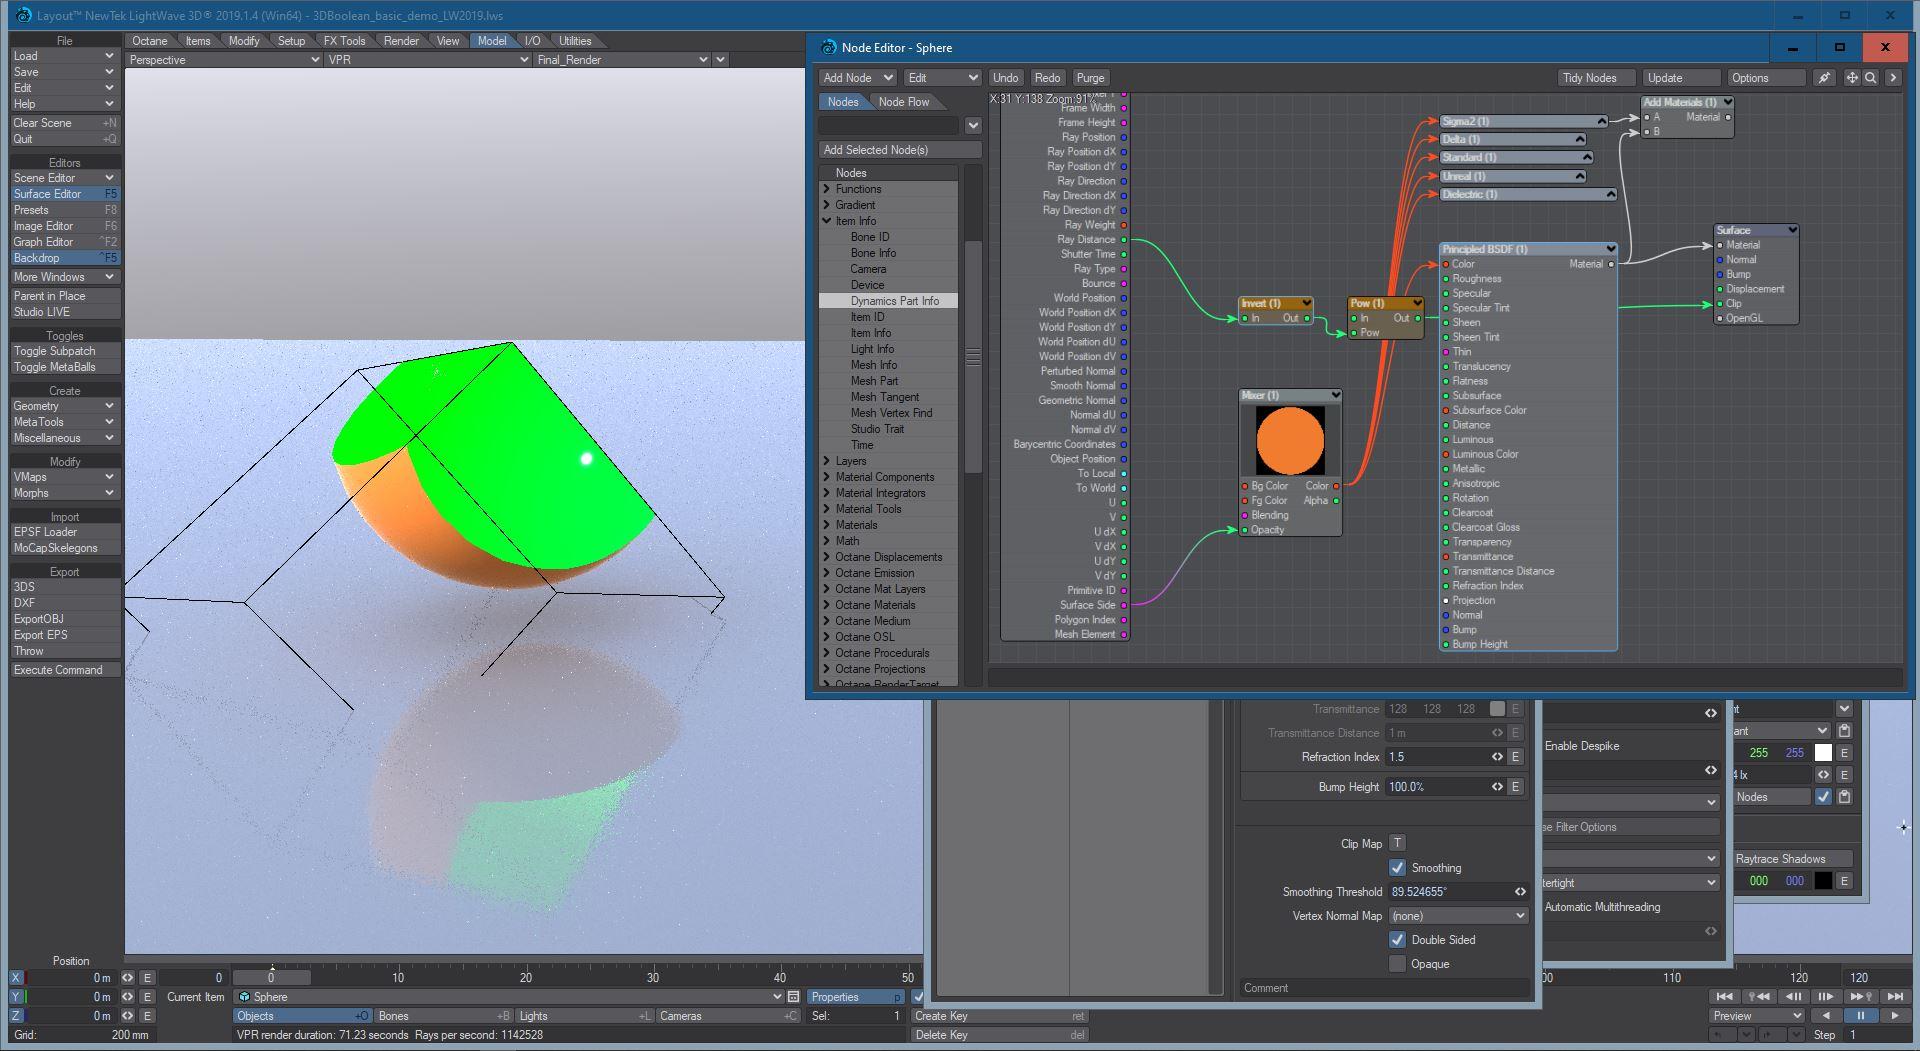 Nome: 2020-02-14 14_24_37-Layout™ NewTek LightWave 3D® 2019.1.4 (Win64) - 3DBoolean_basic_demo_LW2019..jpg Visite: 91 Dimensione: 262.1 KB